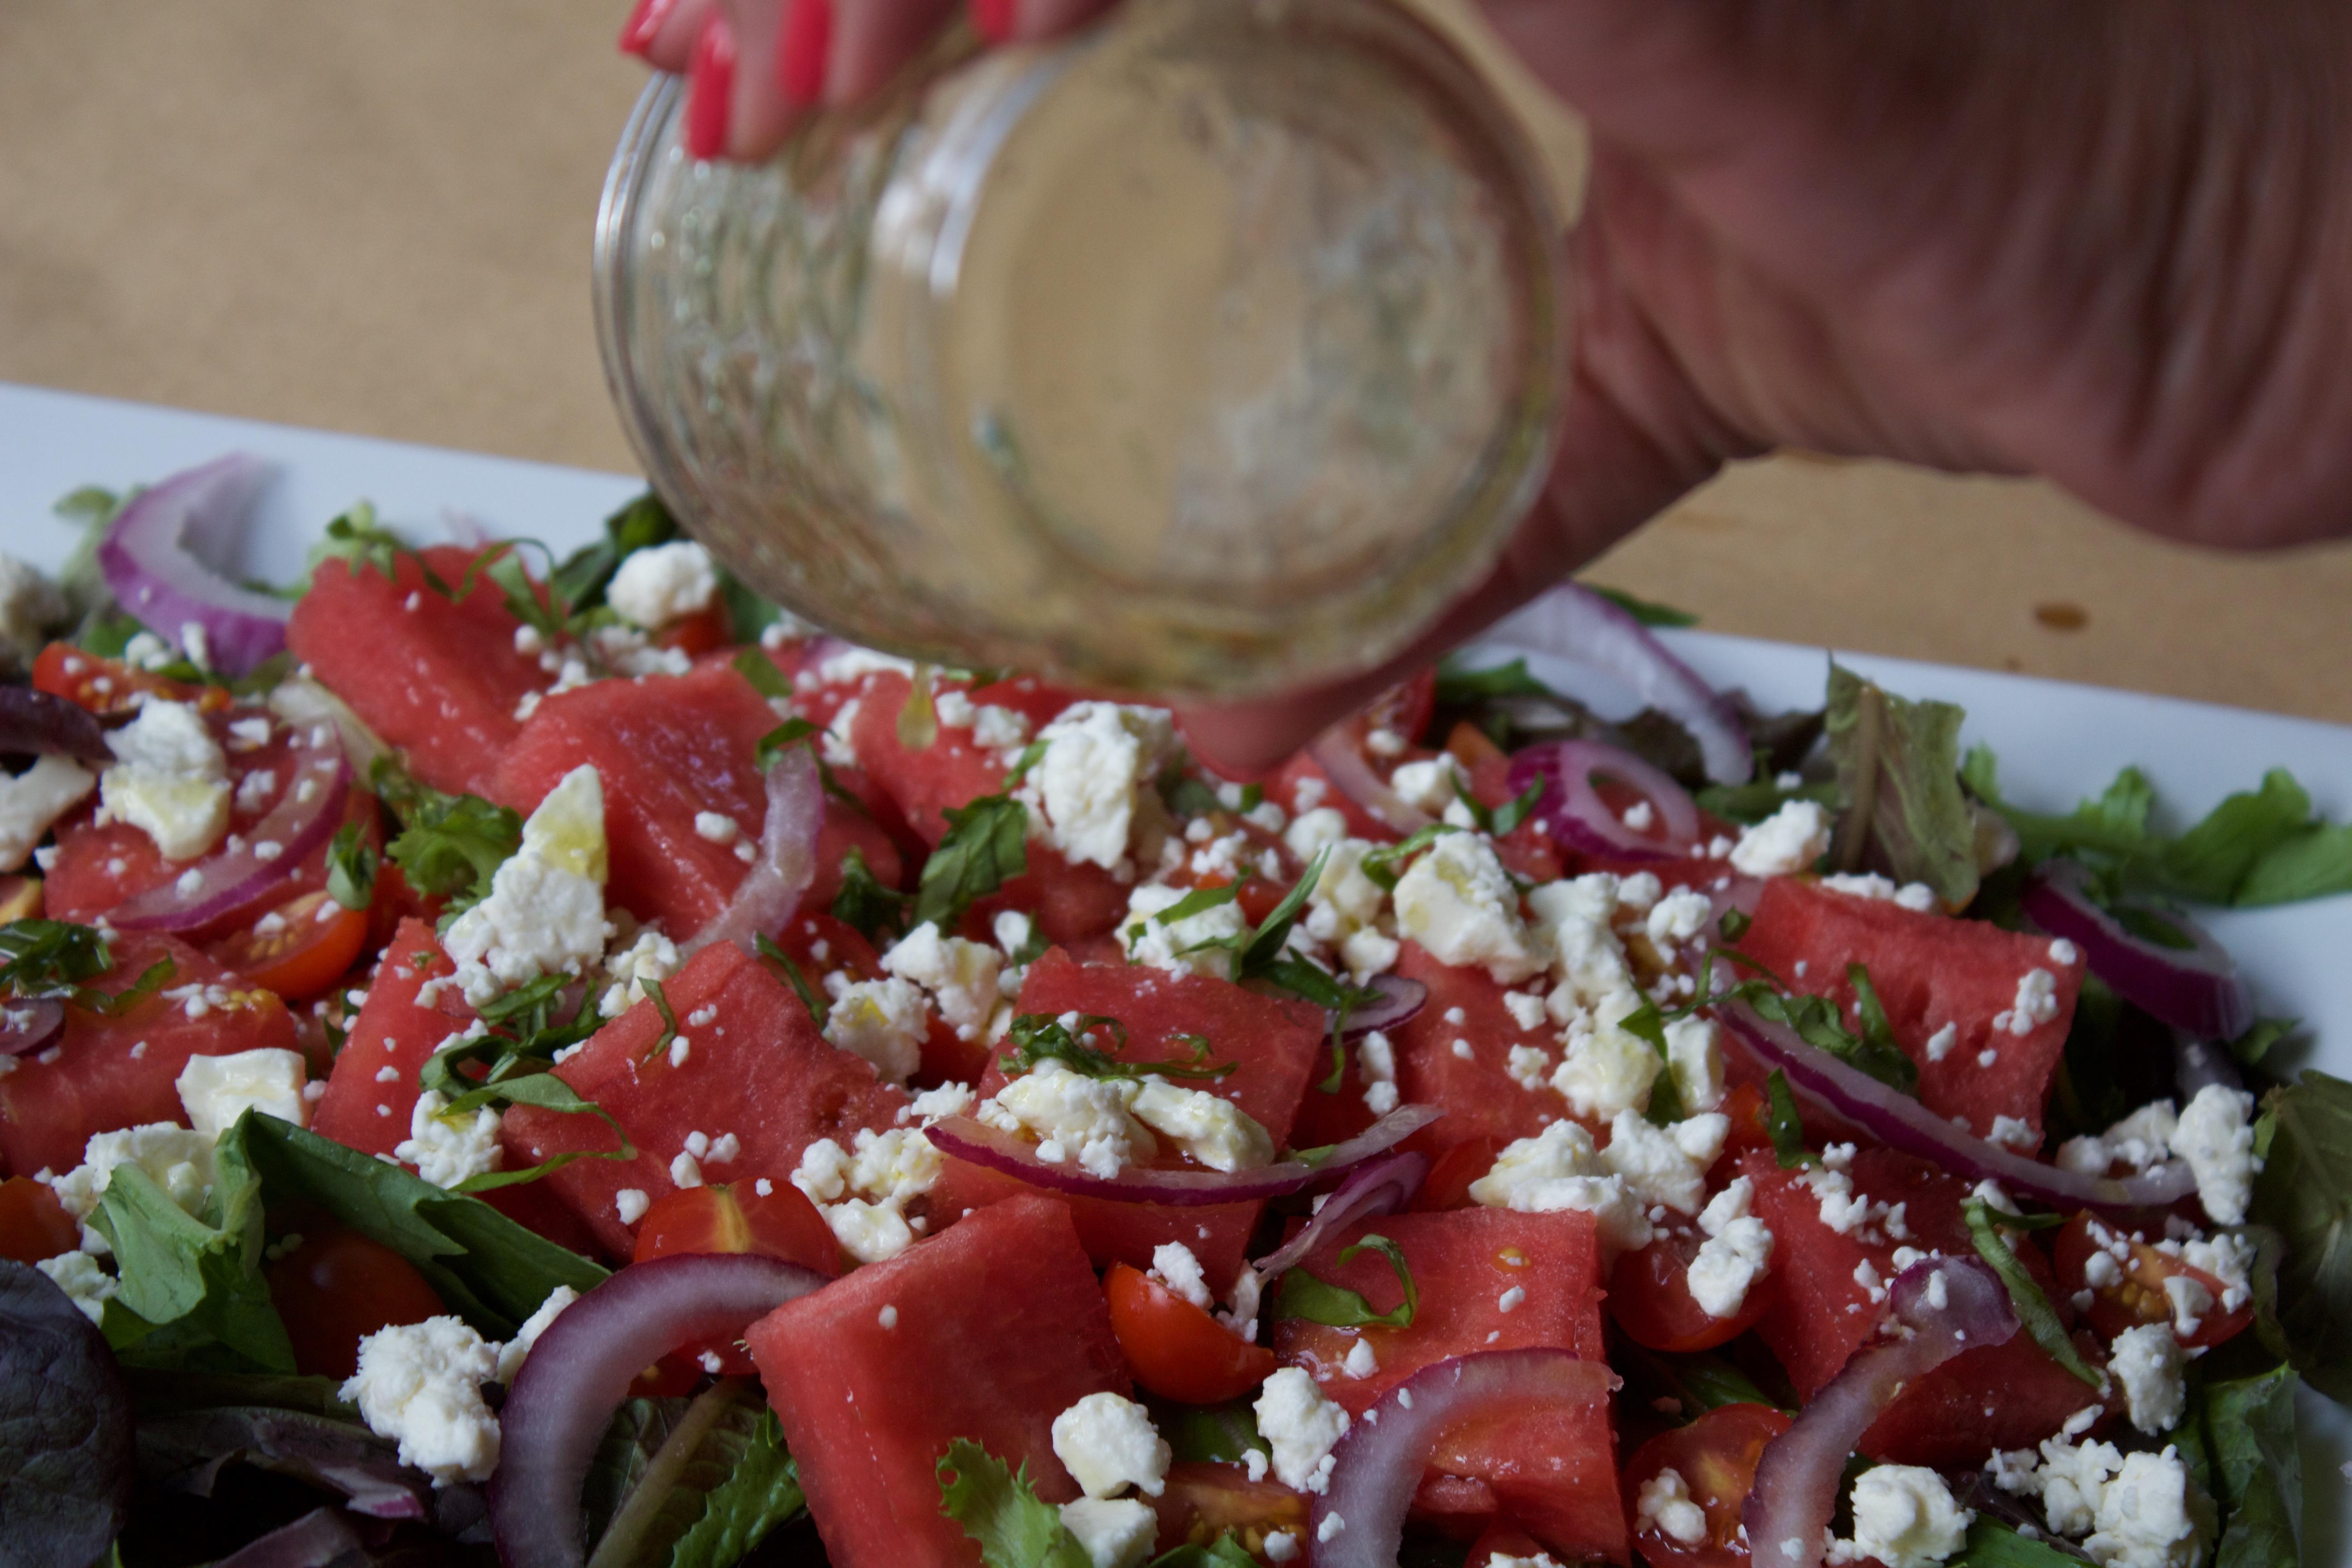 Lemon Orzo Salad with Feta Kody bet at home zakłady darmowe kody